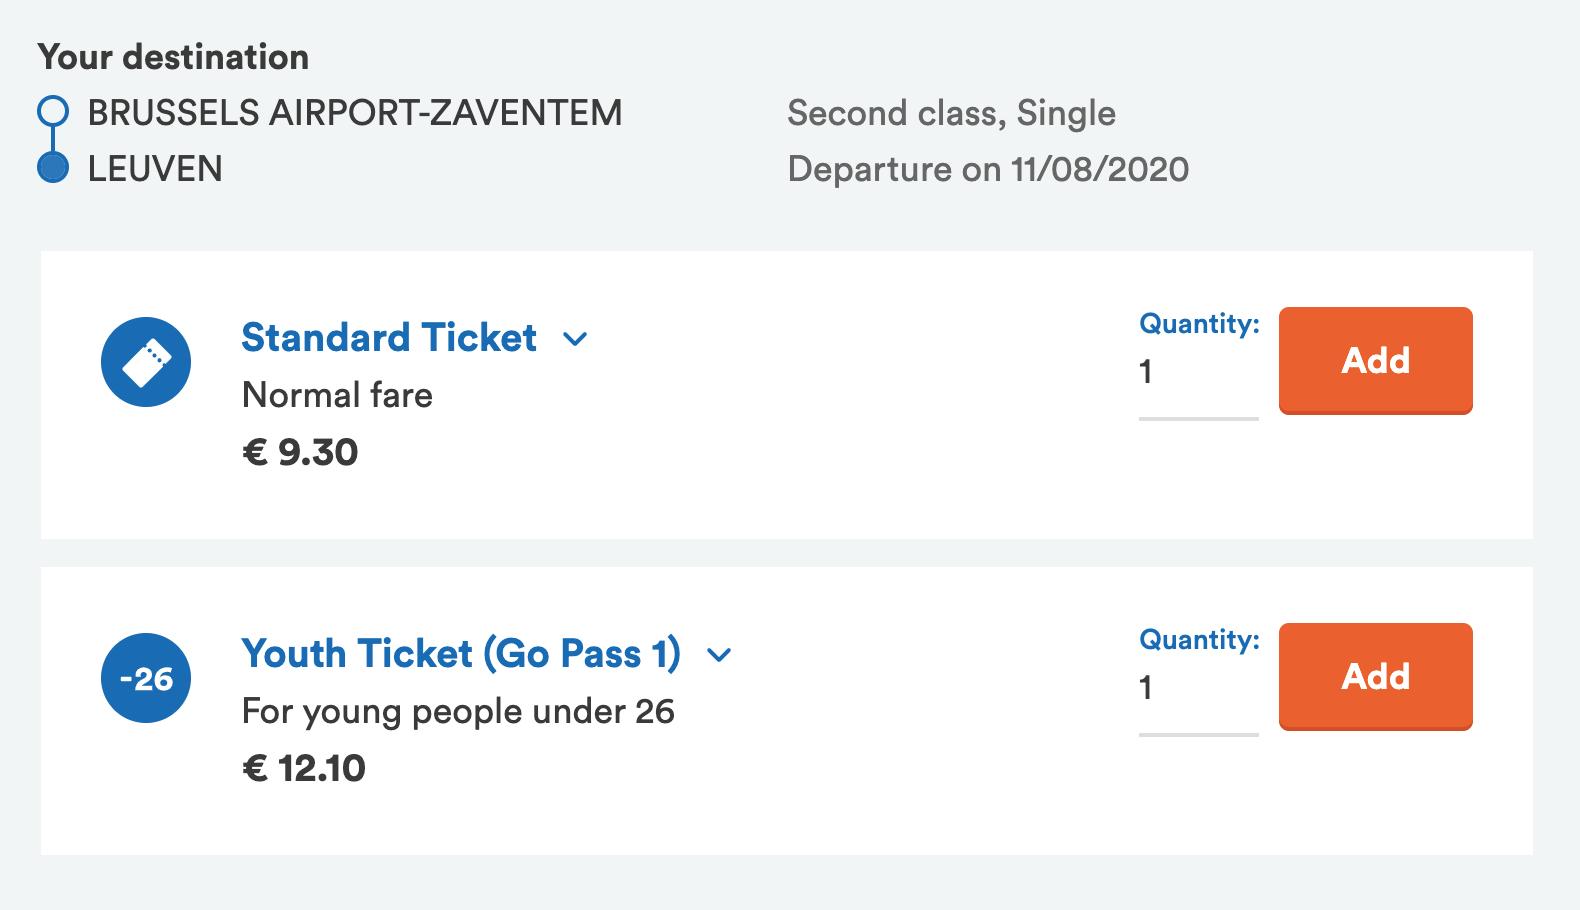 Иногда стандартные билеты дешевле молодежных. Я обнаружила это только во время написания статьи, а значит, некоторые билеты мы покупали дороже, чем моглибы